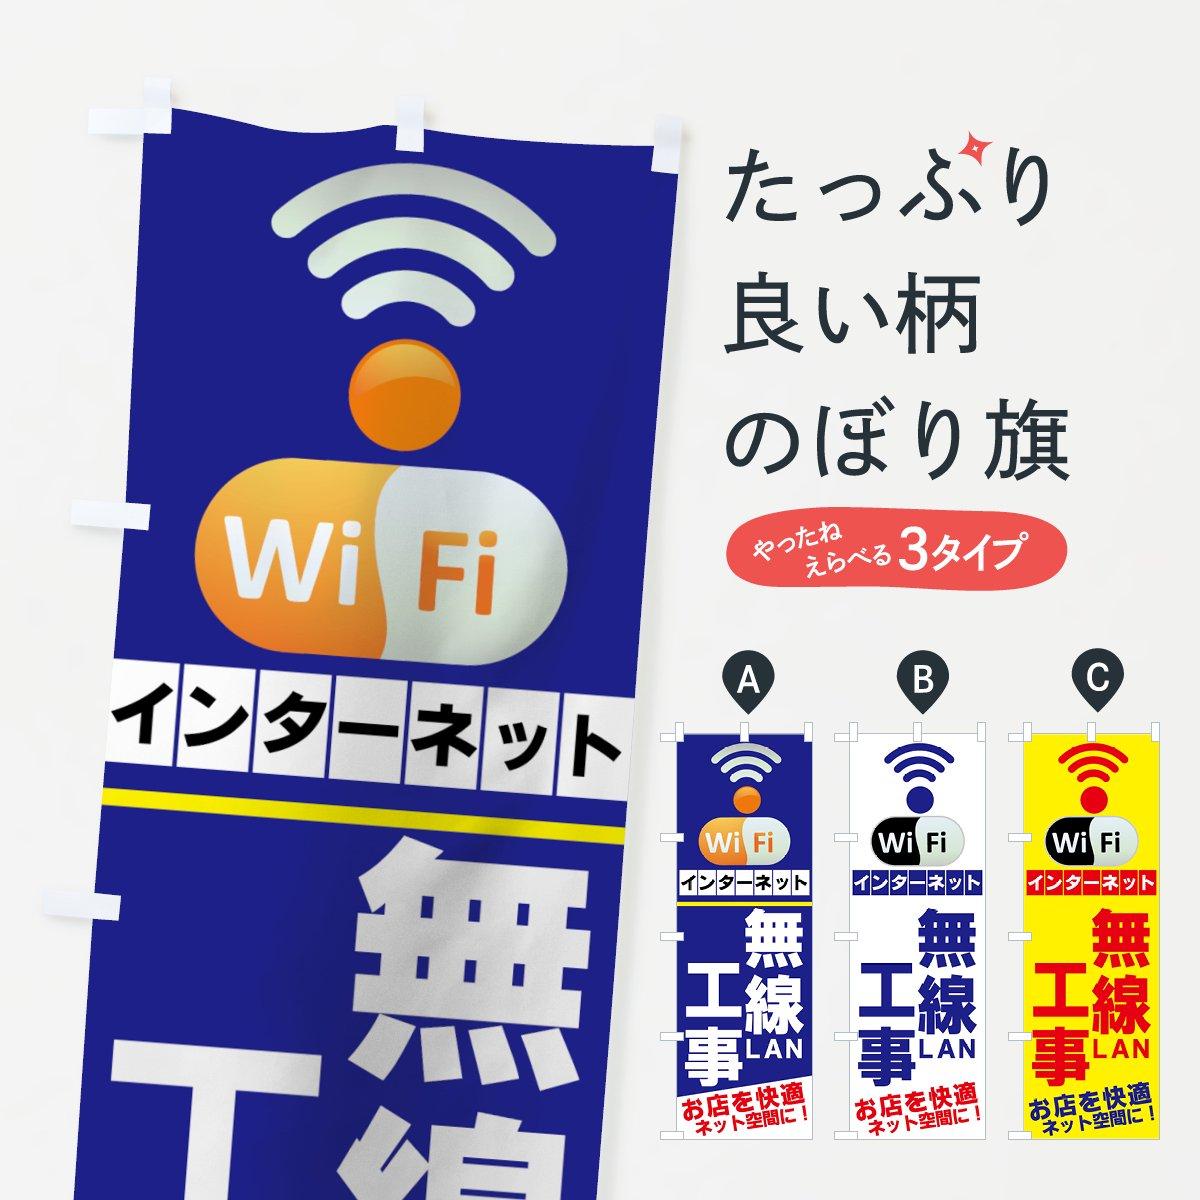 無線LAN工事のぼり旗 WiFi インターネット お店を快適ネット空間に!